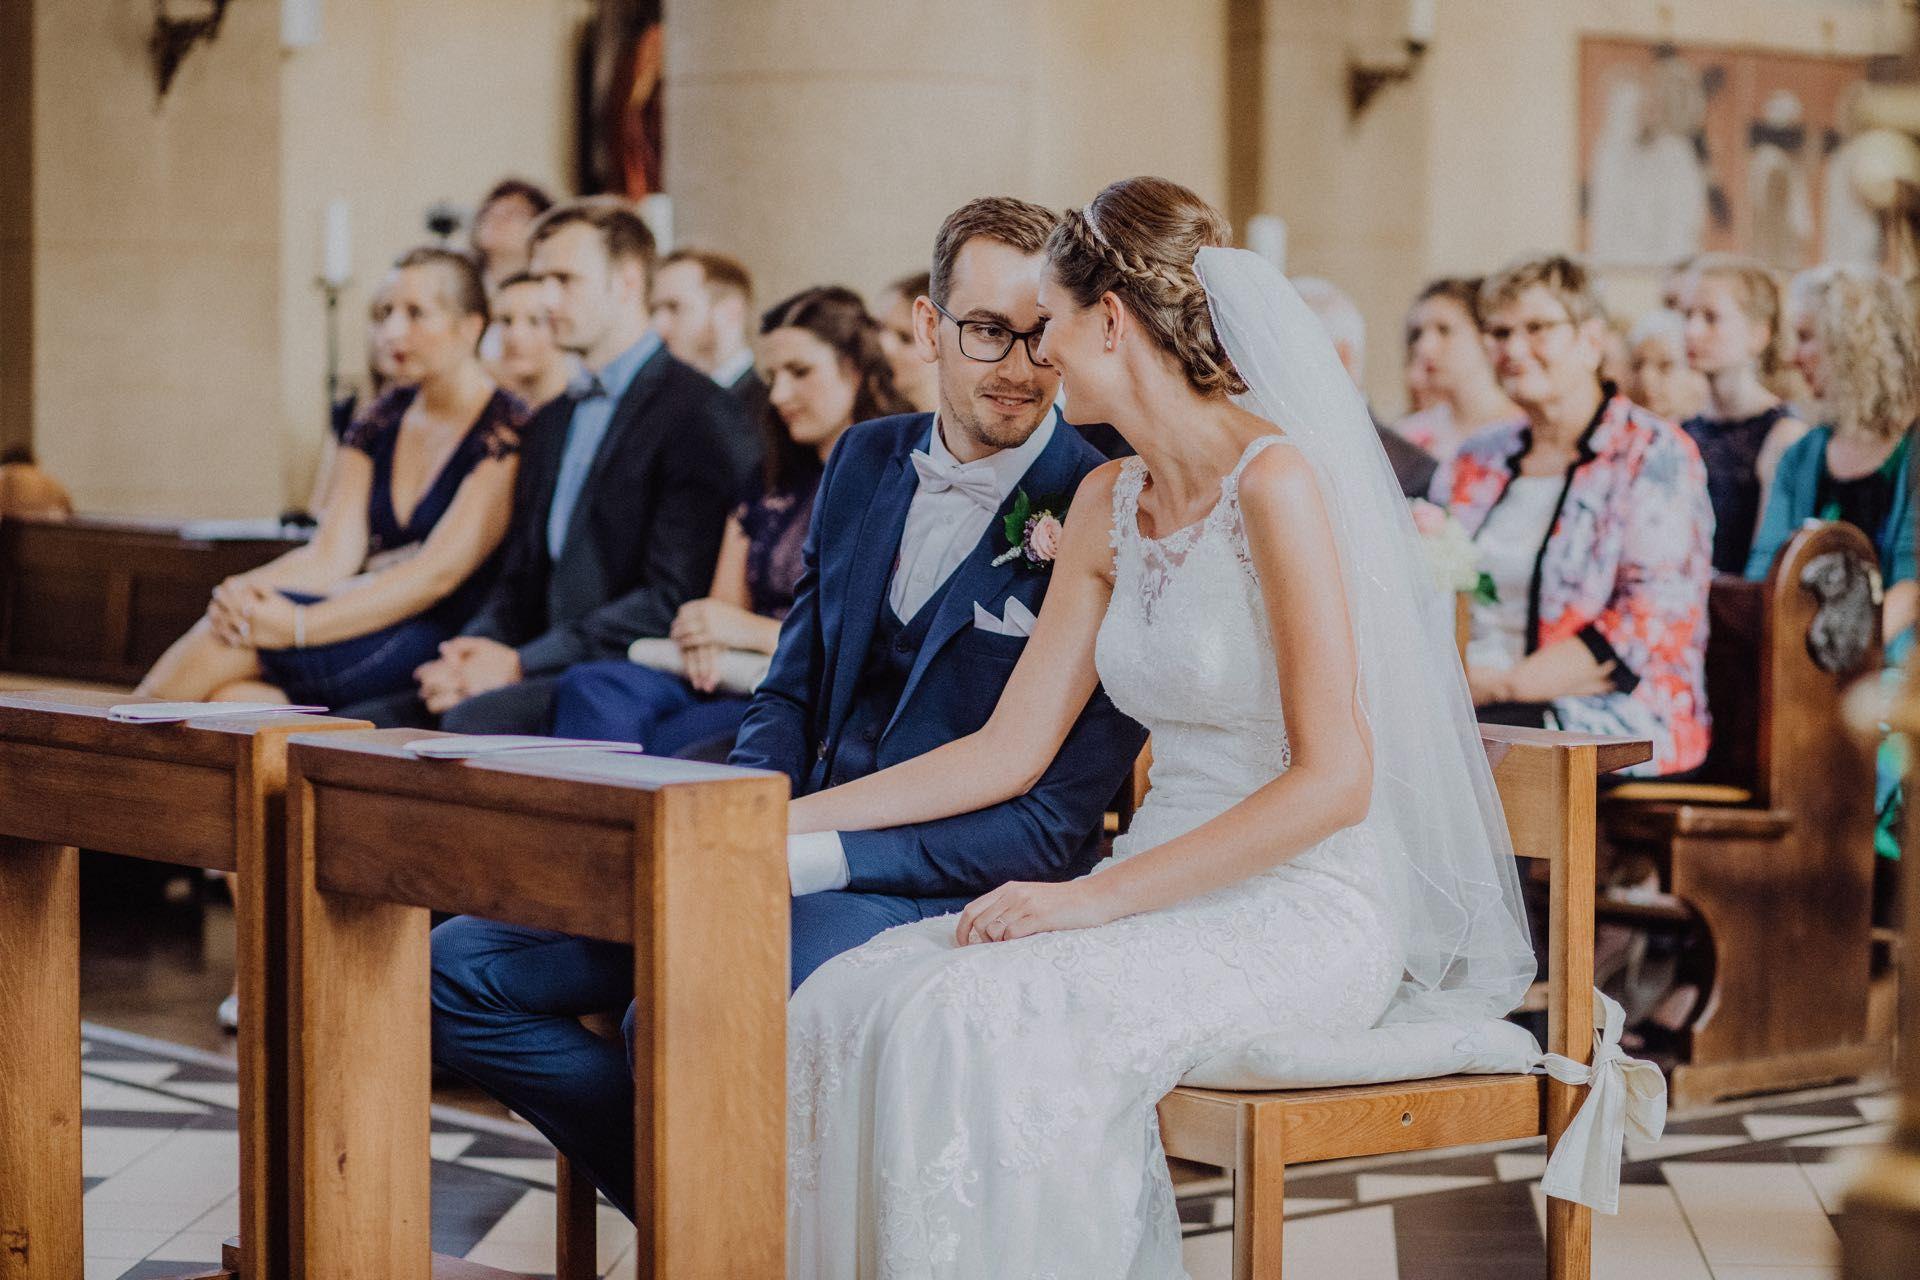 Die Kirchliche Trauung Alles Rund Um Den Ablauf Und Die Planung Eurer Zeremonie Kleiner Flieder Kirchliche Hochzeit Kirchliche Trauung Christliche Trauung